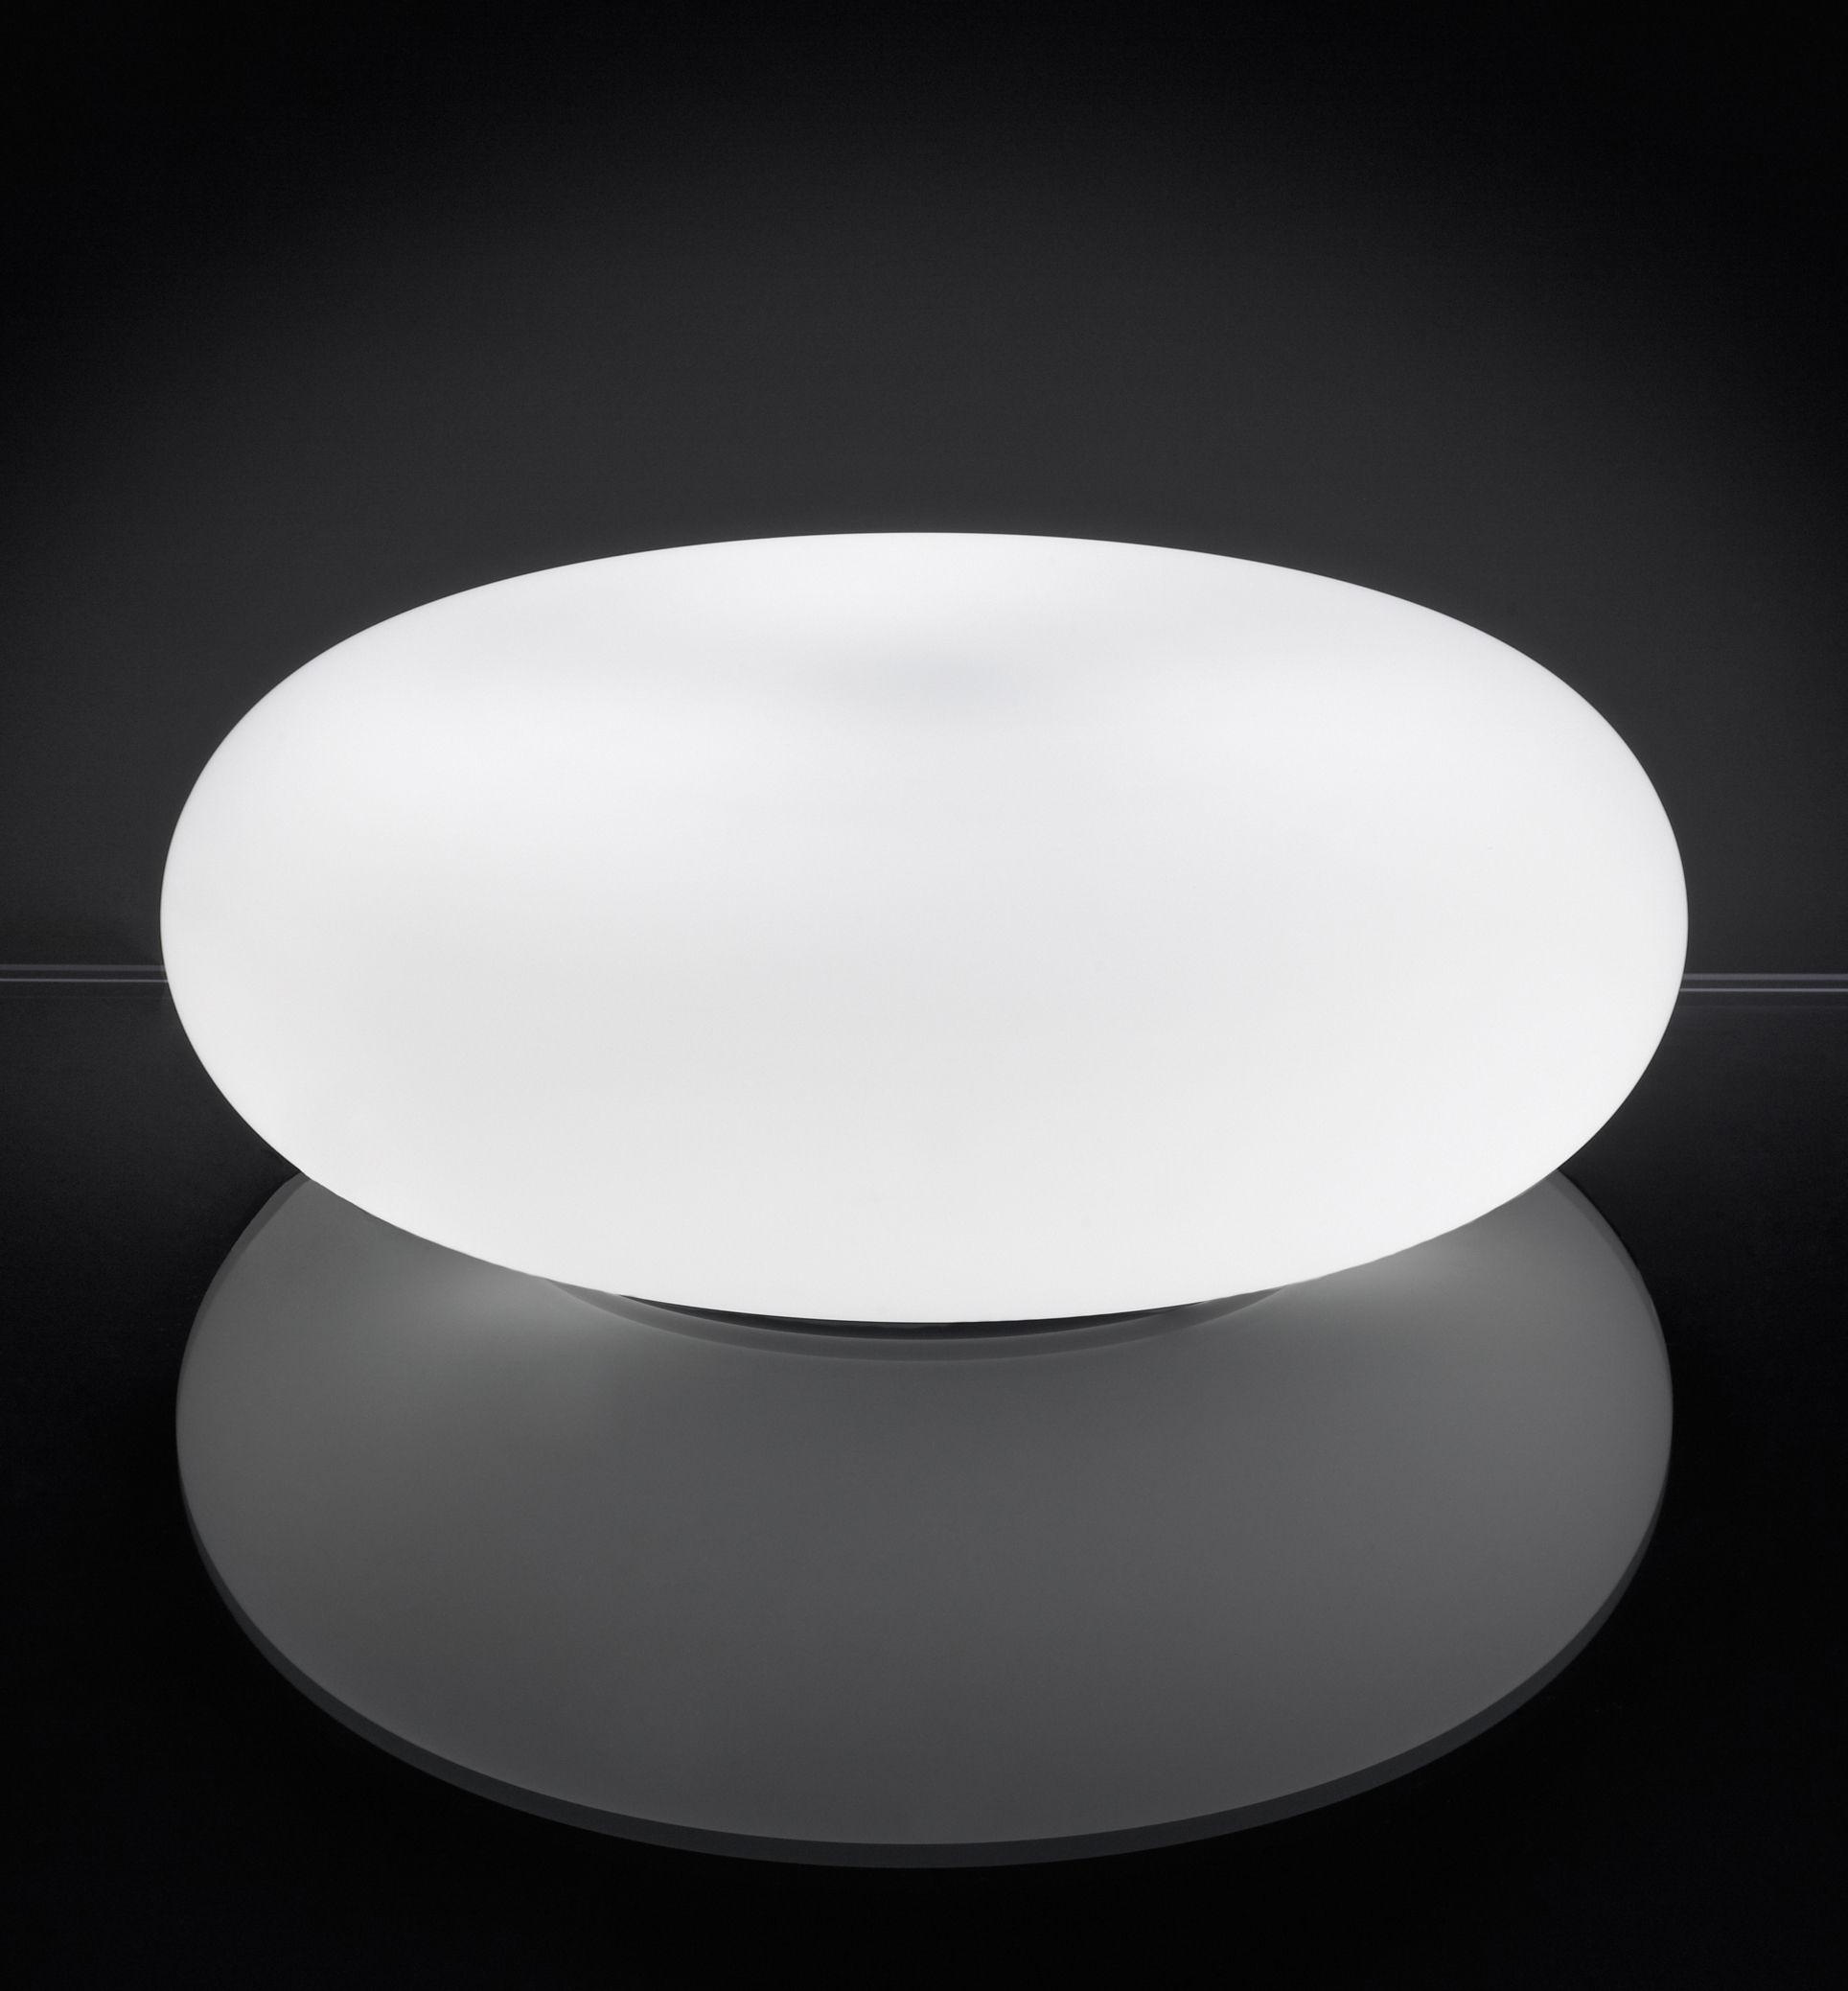 Leuchten - Tischleuchten - Itka Tischleuchte Ø 35 cm - Danese Light - Weiß - Ø 35 cm - Glas, Metall